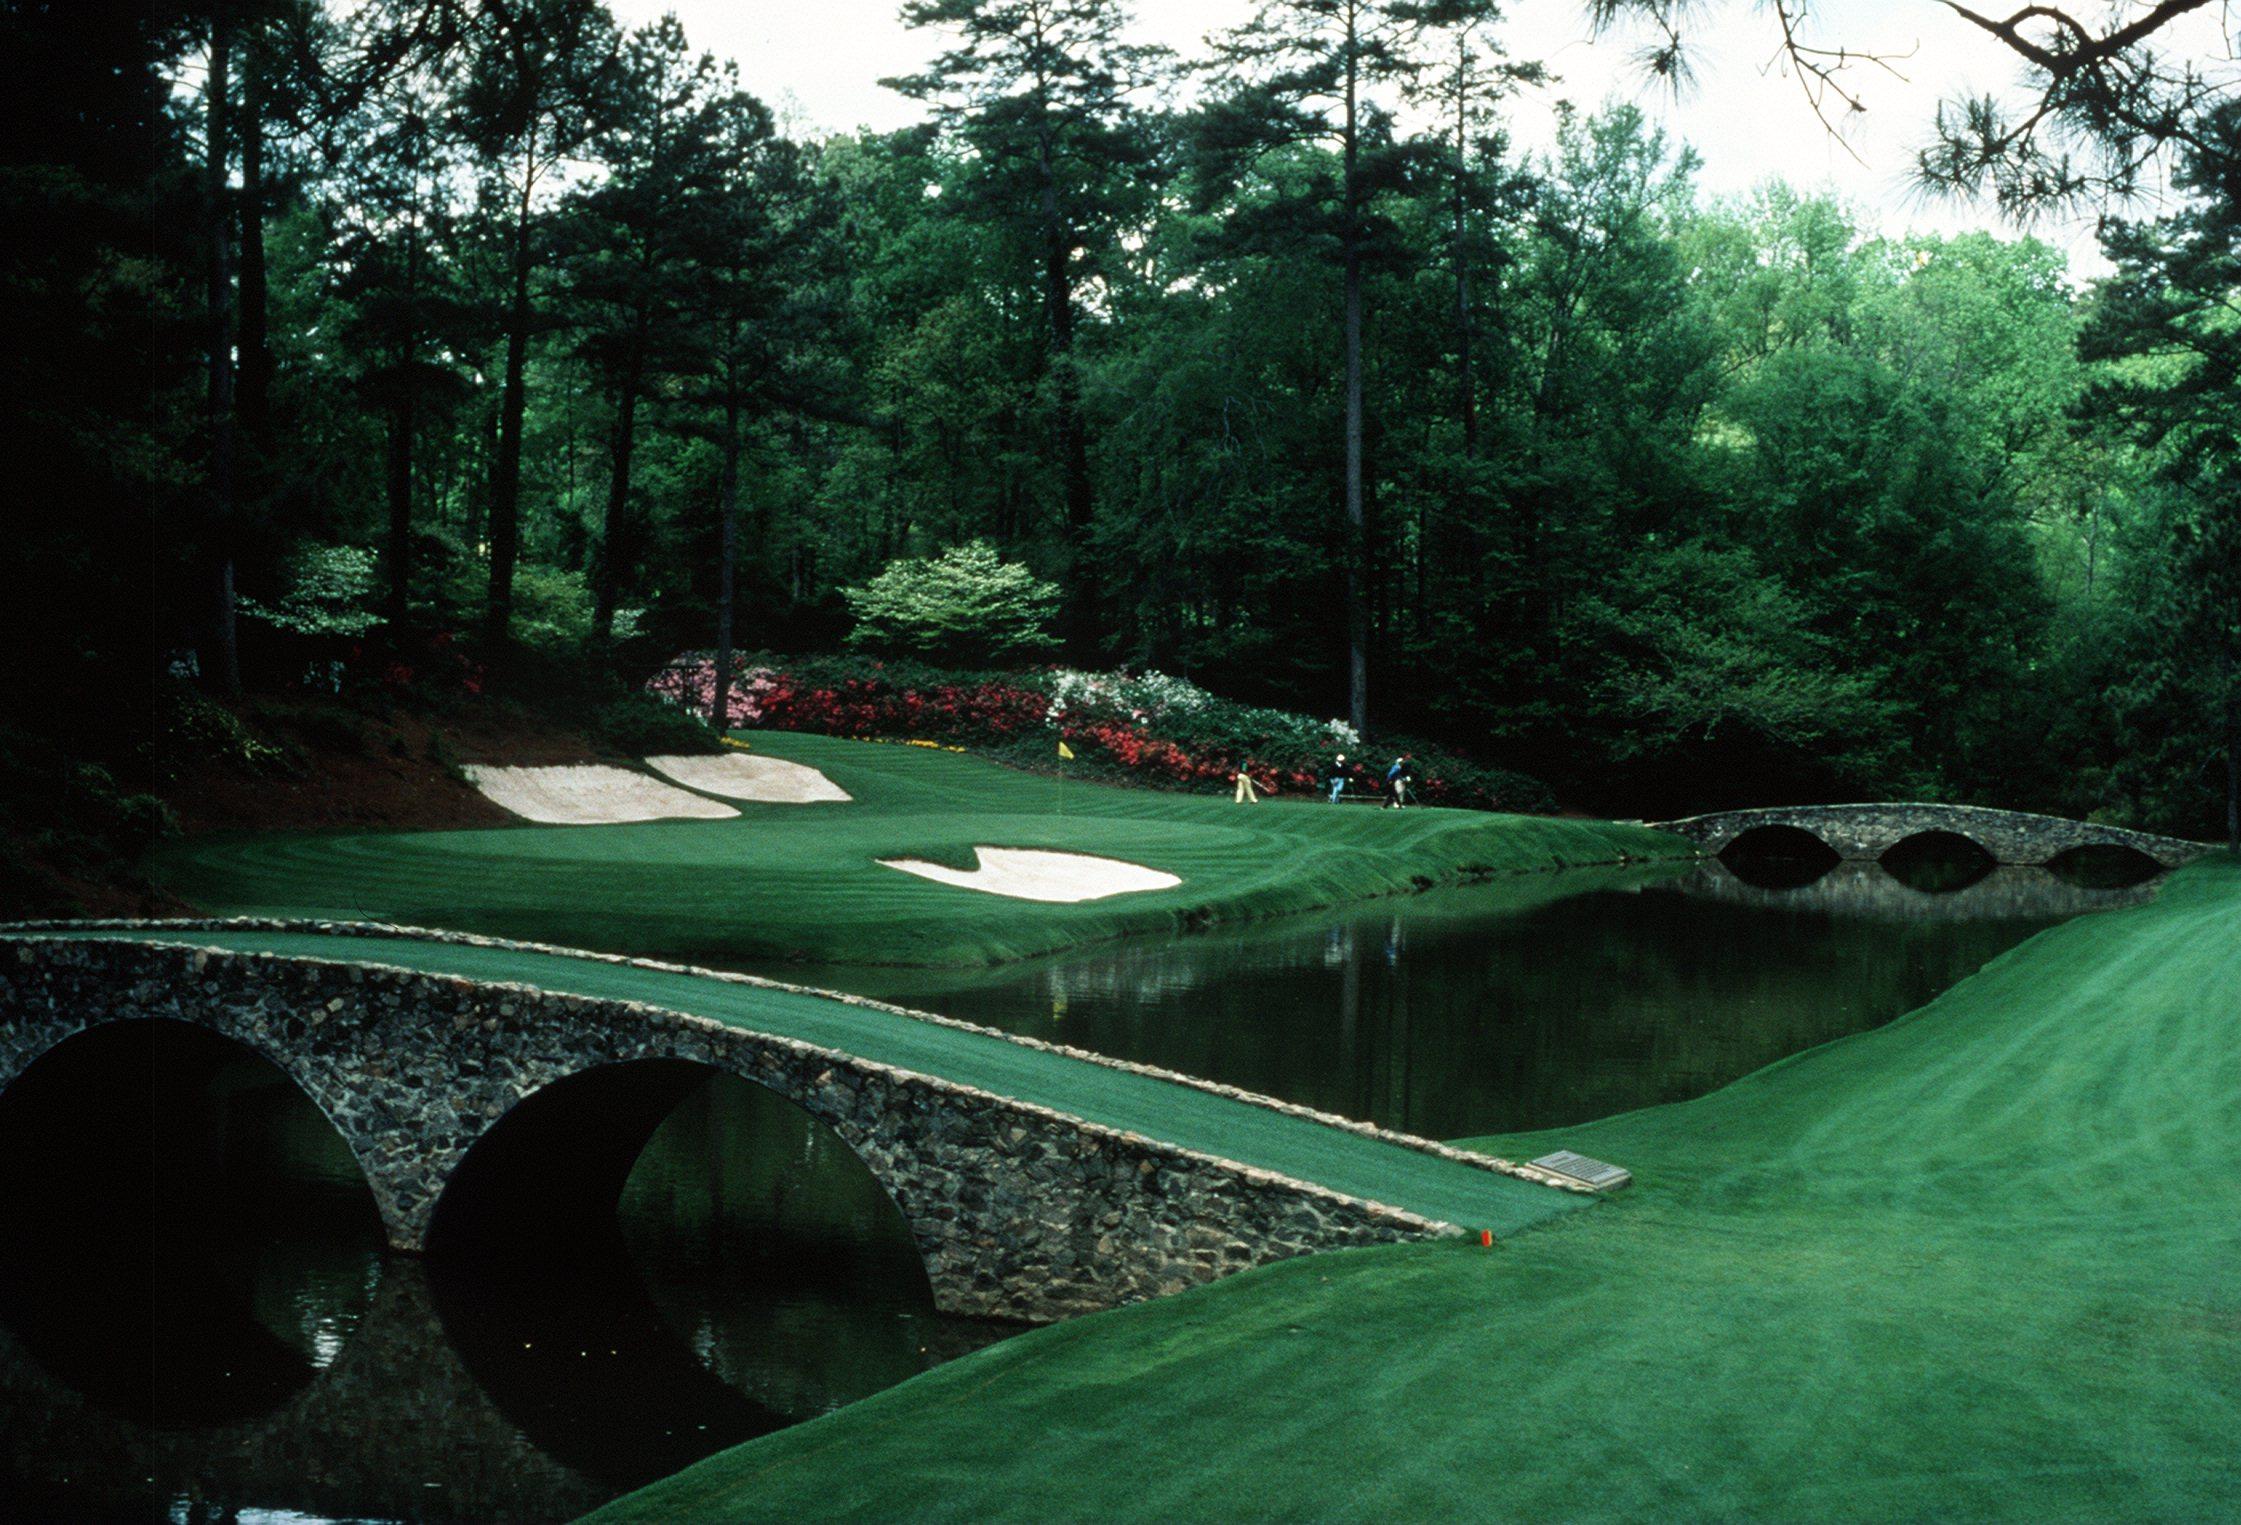 Hd Wallpapers Amen Corner Masters Golf 2663 X 1752 3388 Kb Jpeg | HD ...